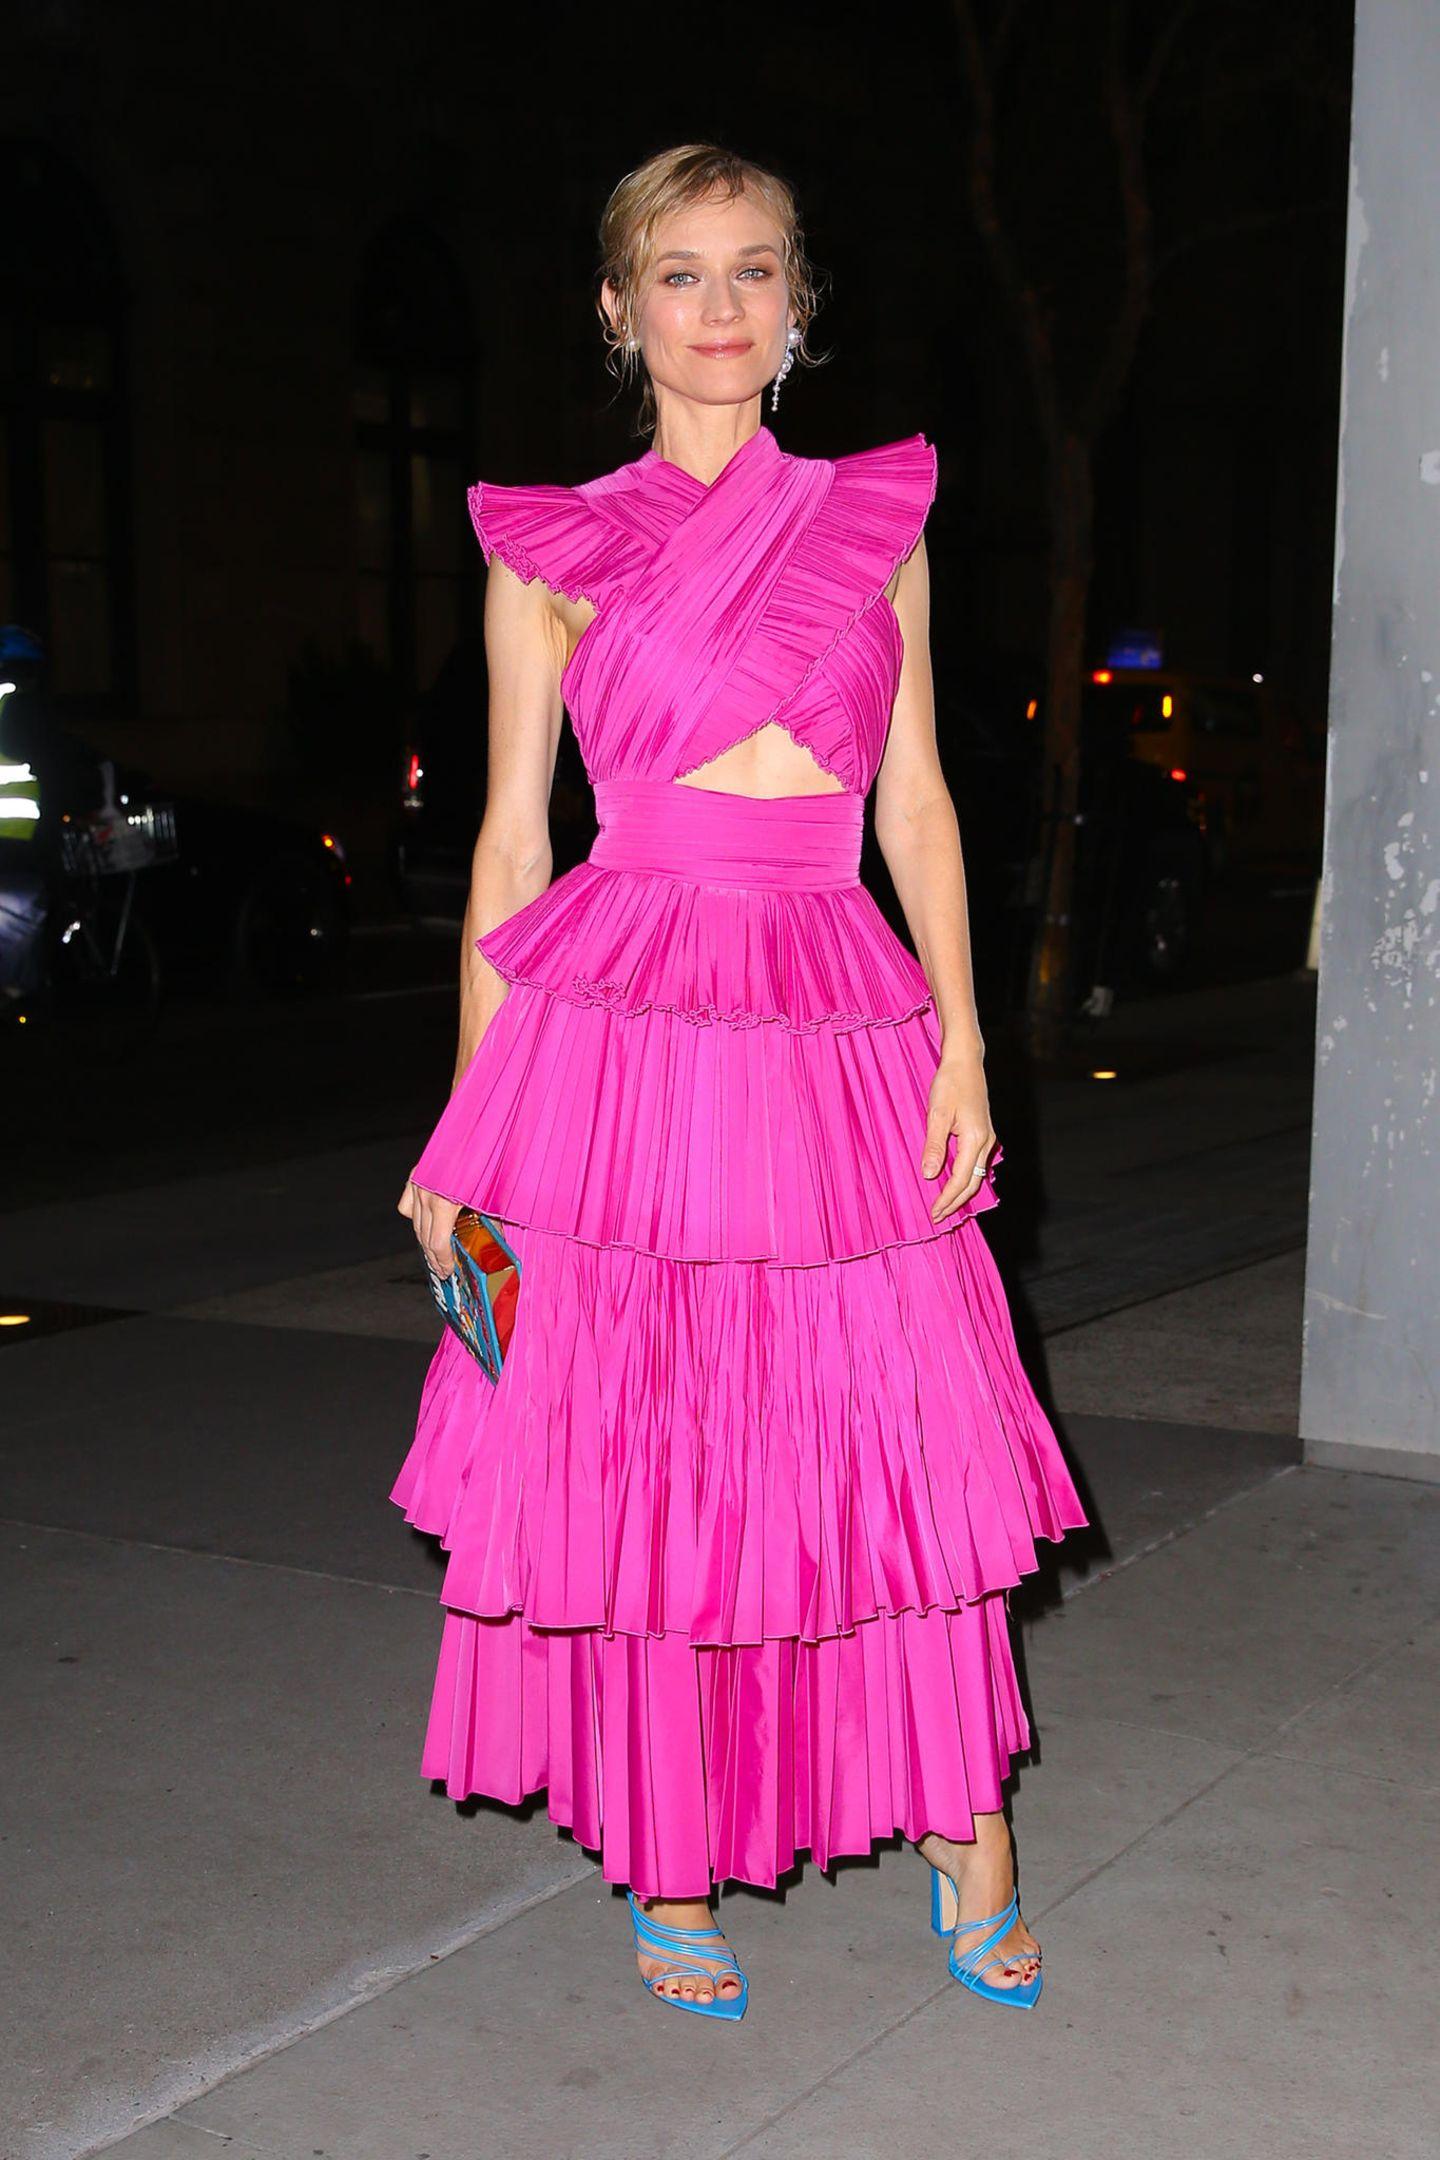 Bei der Filmvorstellung von Thelma & Louise sticht Schauspielerin Diane Krueger besonders hervor: In einem pinkfarbenen Volant-Kleid von Prabal Gurung mit Cut-Out und Flügel-Ärmchen ist sie der Hingucker des Abends.